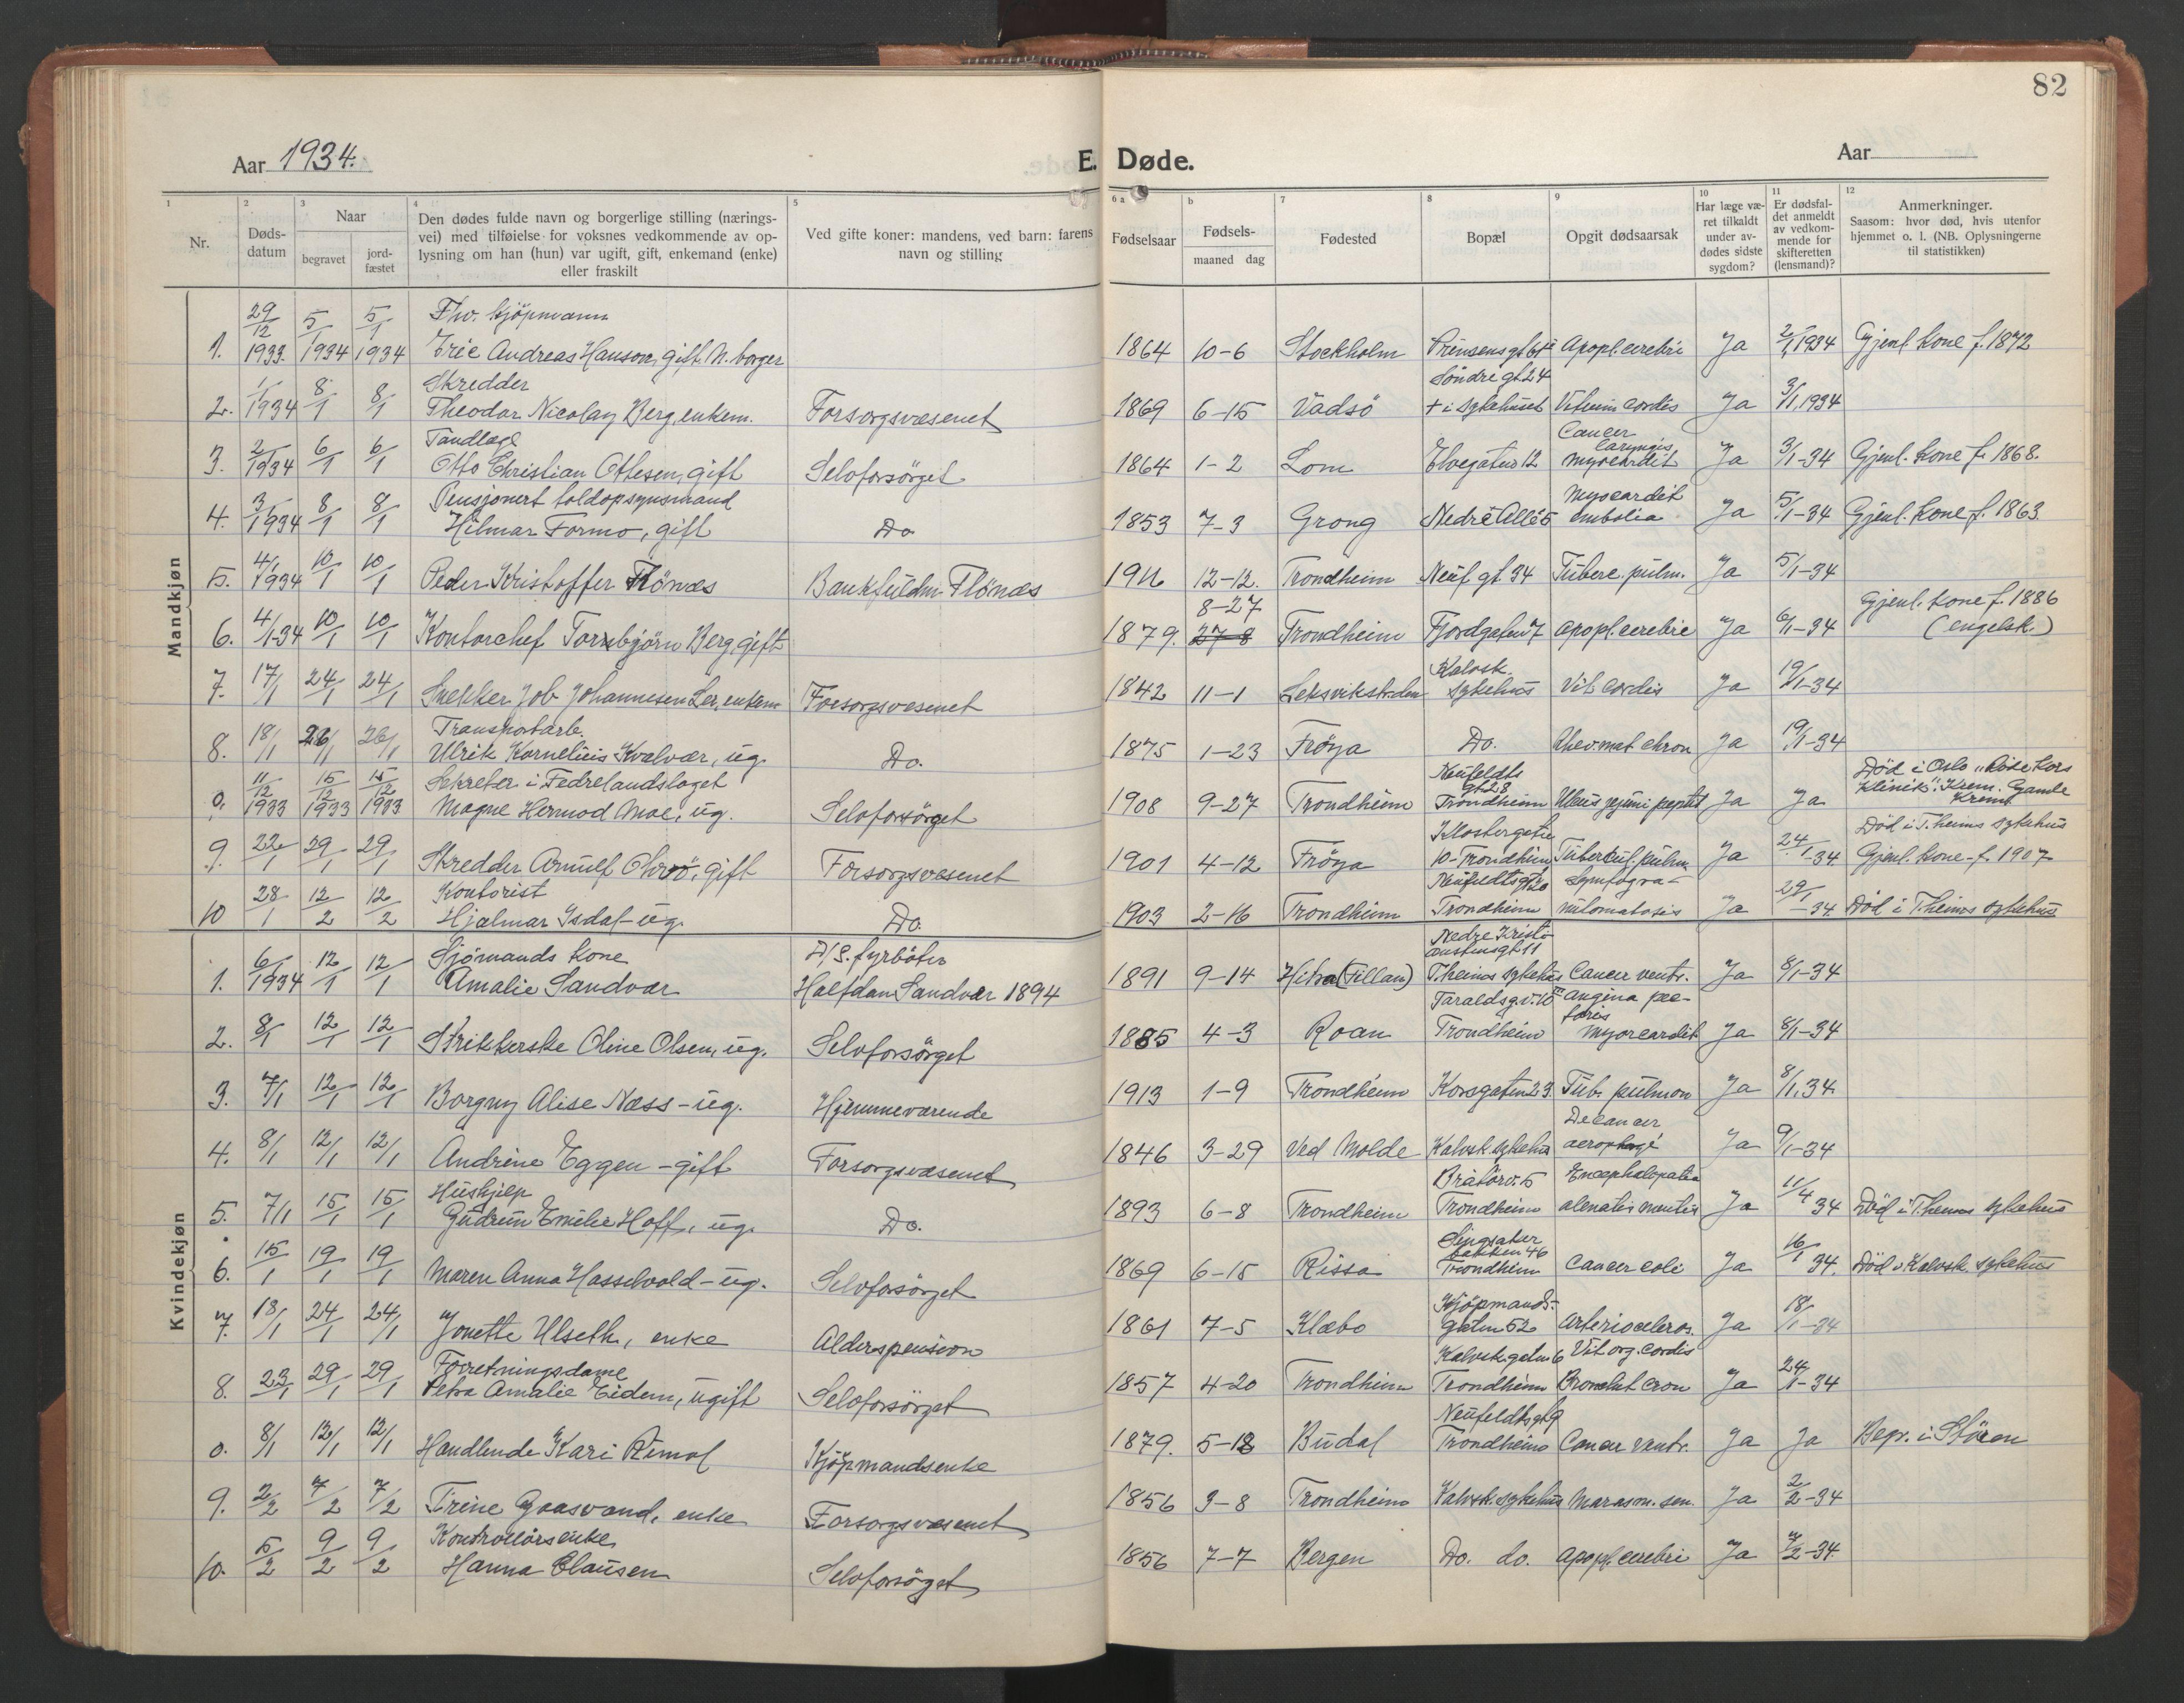 SAT, Ministerialprotokoller, klokkerbøker og fødselsregistre - Sør-Trøndelag, 602/L0150: Klokkerbok nr. 602C18, 1922-1949, s. 82